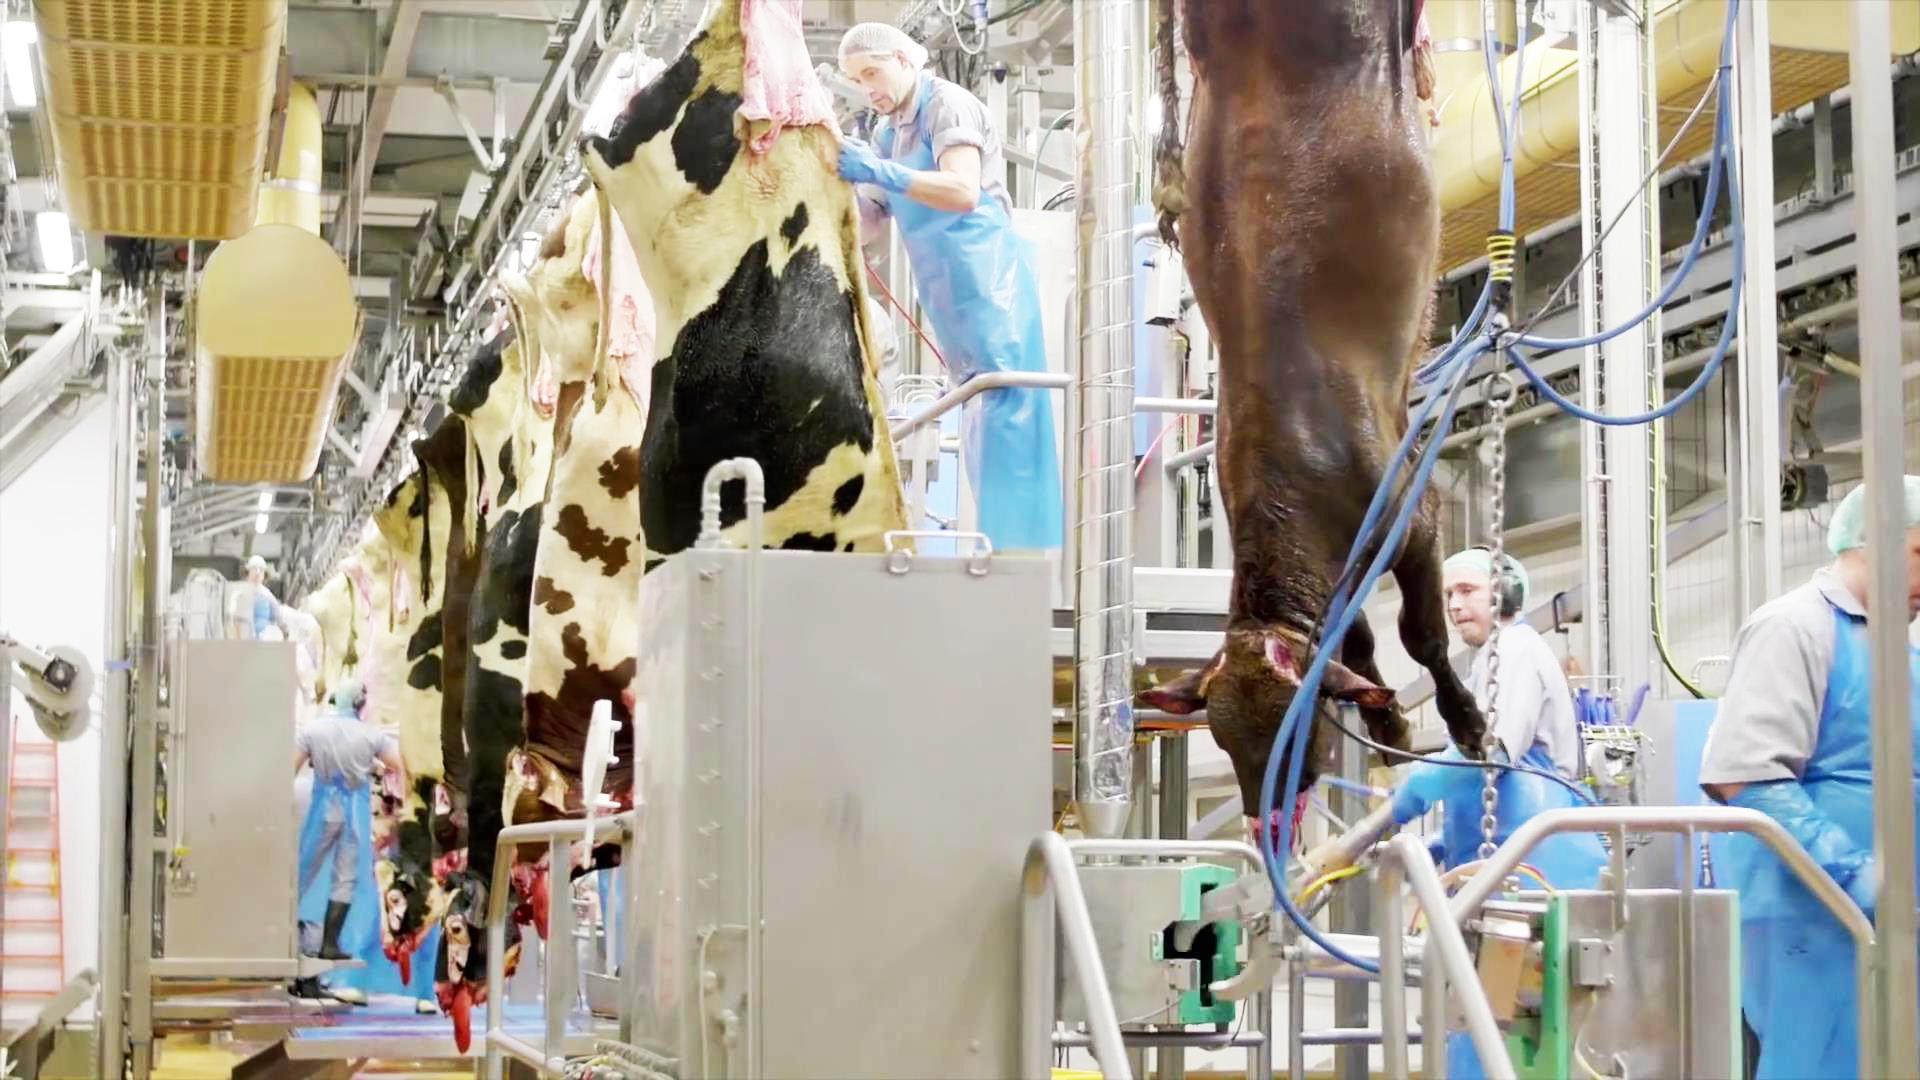 丹麦公牛现代化屠宰加工厂,看一头整牛如何变成汉堡肉饼!